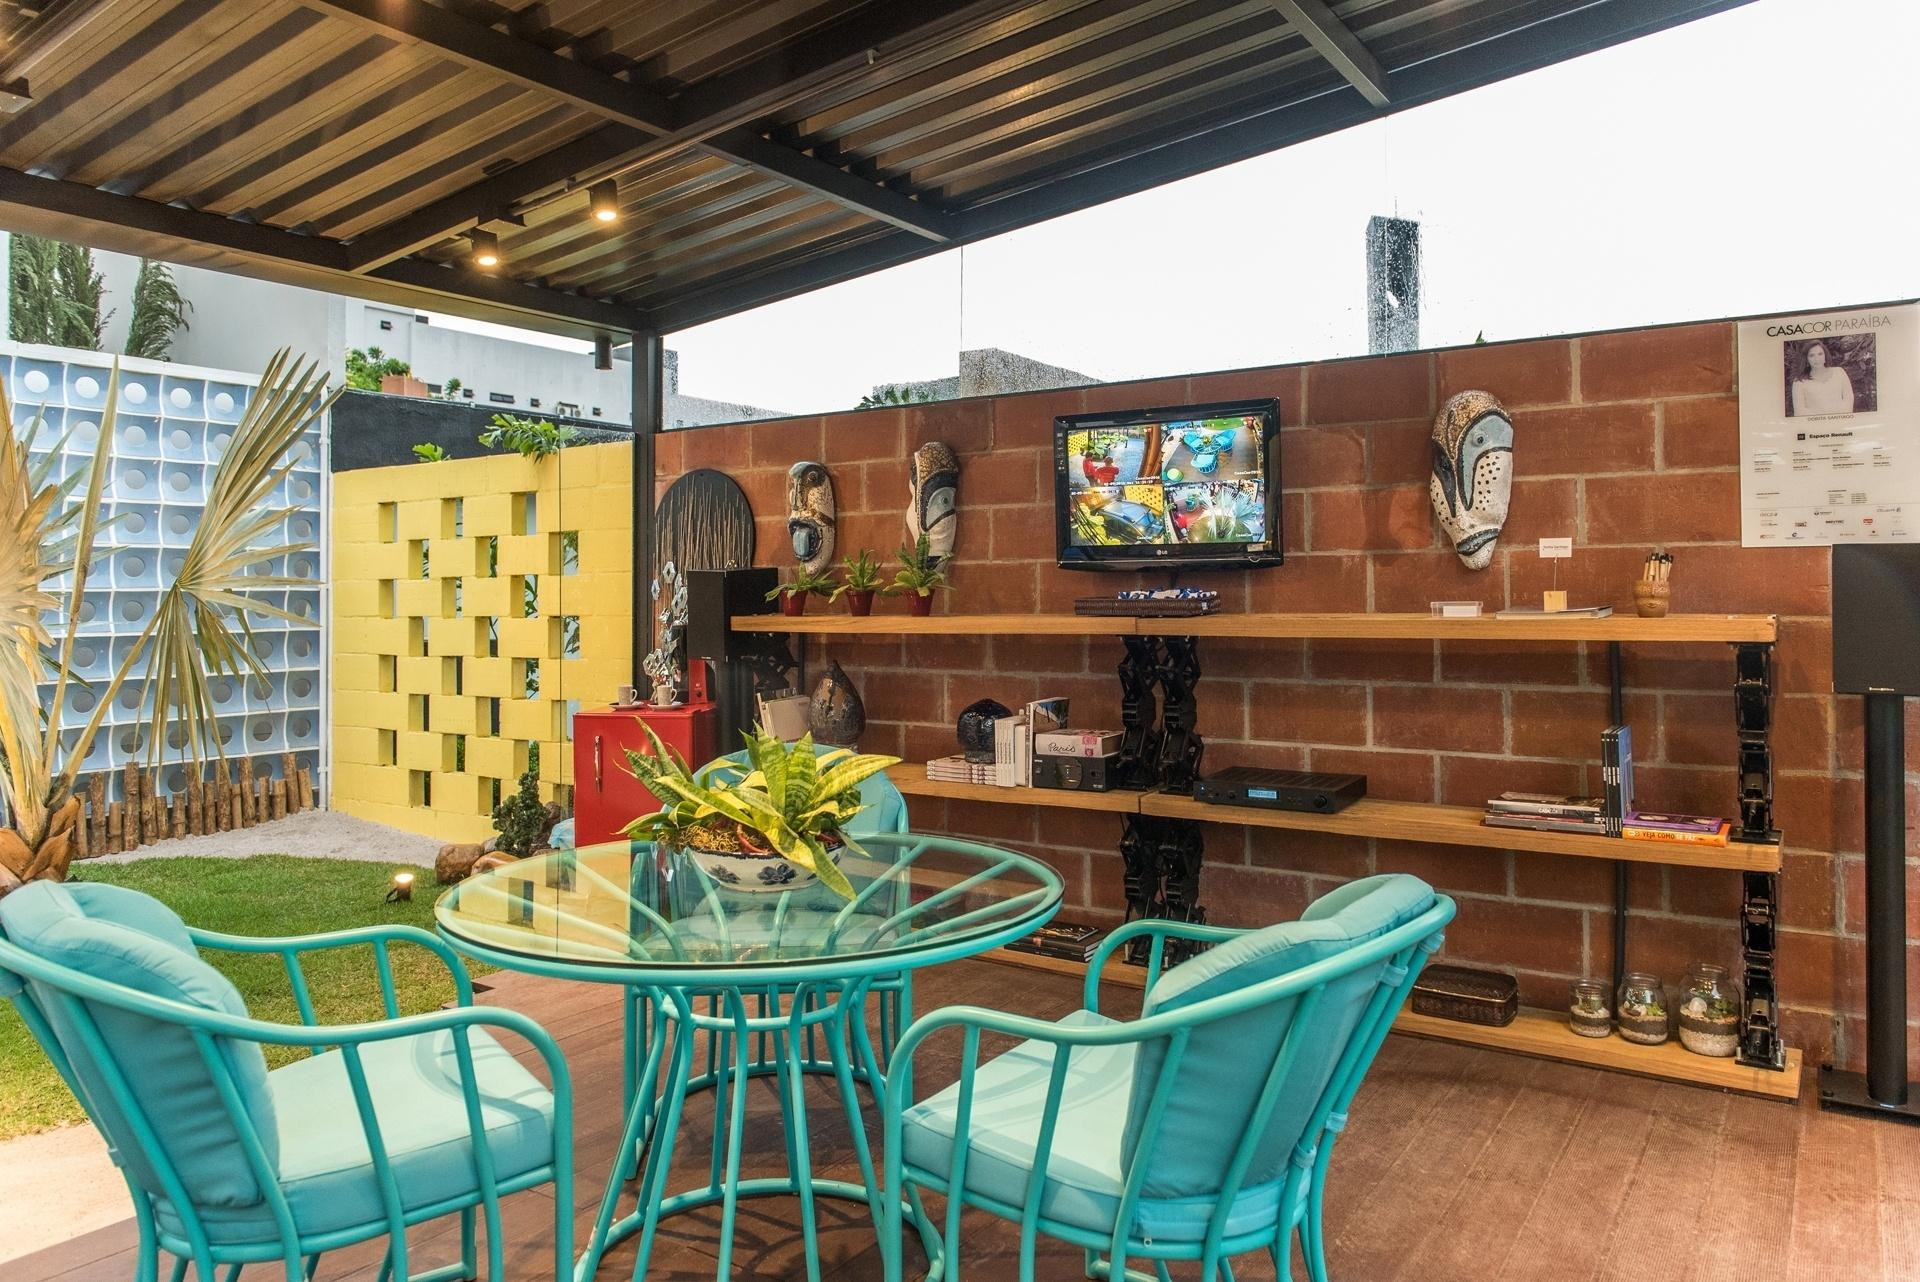 Casa Cor Paraíba 2016 - Pensado como uma típica varanda brasileira, o espaço criado por Dorita Santiago combina uma parede de tijolos aparentes a outras duas chamativas e coloridas, junto ao jardim. As estruturas vazadas são feitas de blocos de concreto pintados de amarelo e cobogós cerâmicos azuis